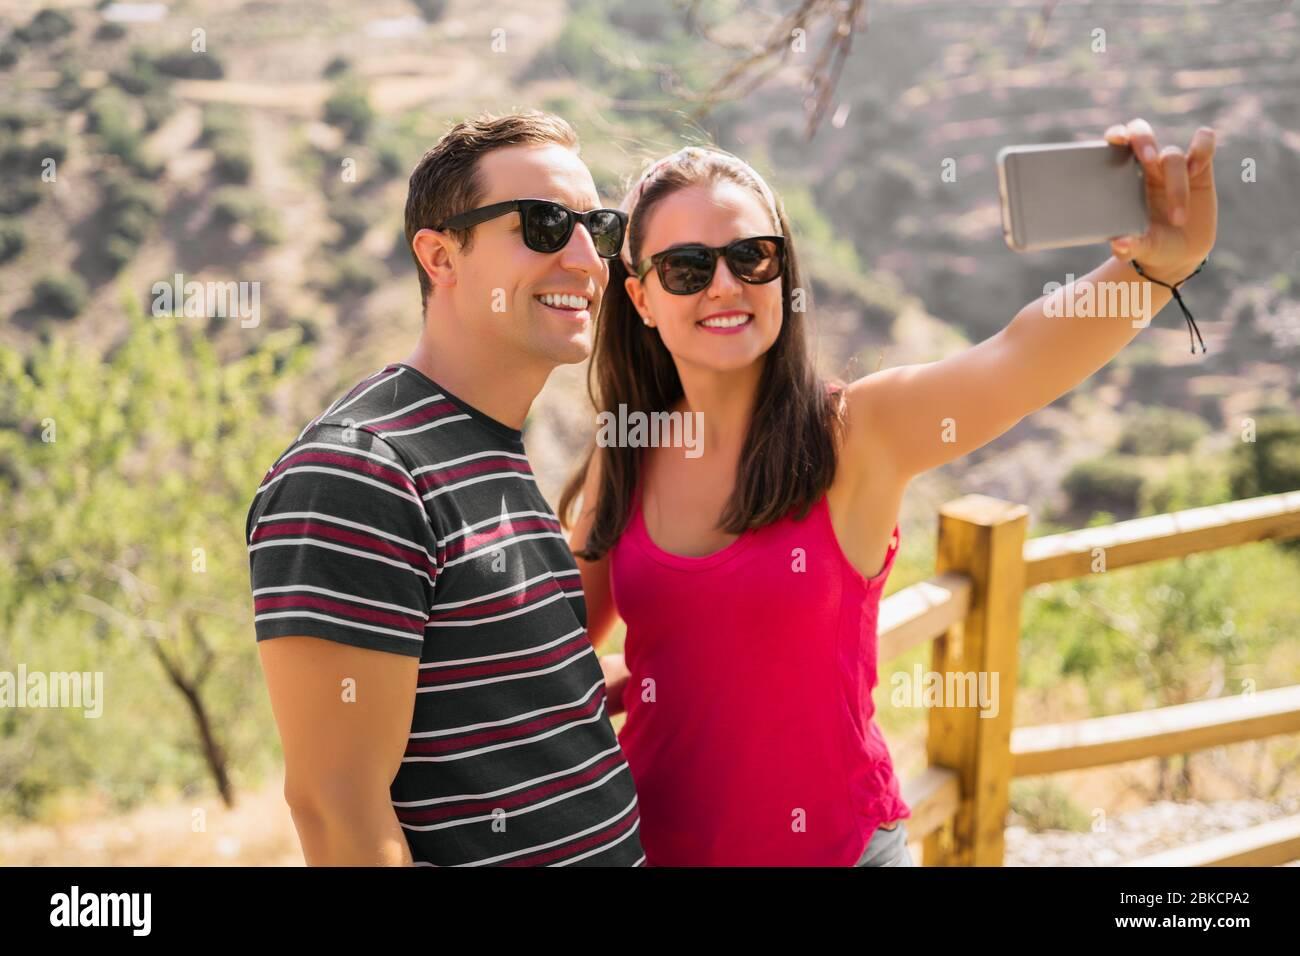 Coppia felice di viaggio facendo selfie montagne sfondo, colori estivi soleggiati, umore romantico. Occhiali da sole eleganti. Felici risate facce emotive. Foto Stock